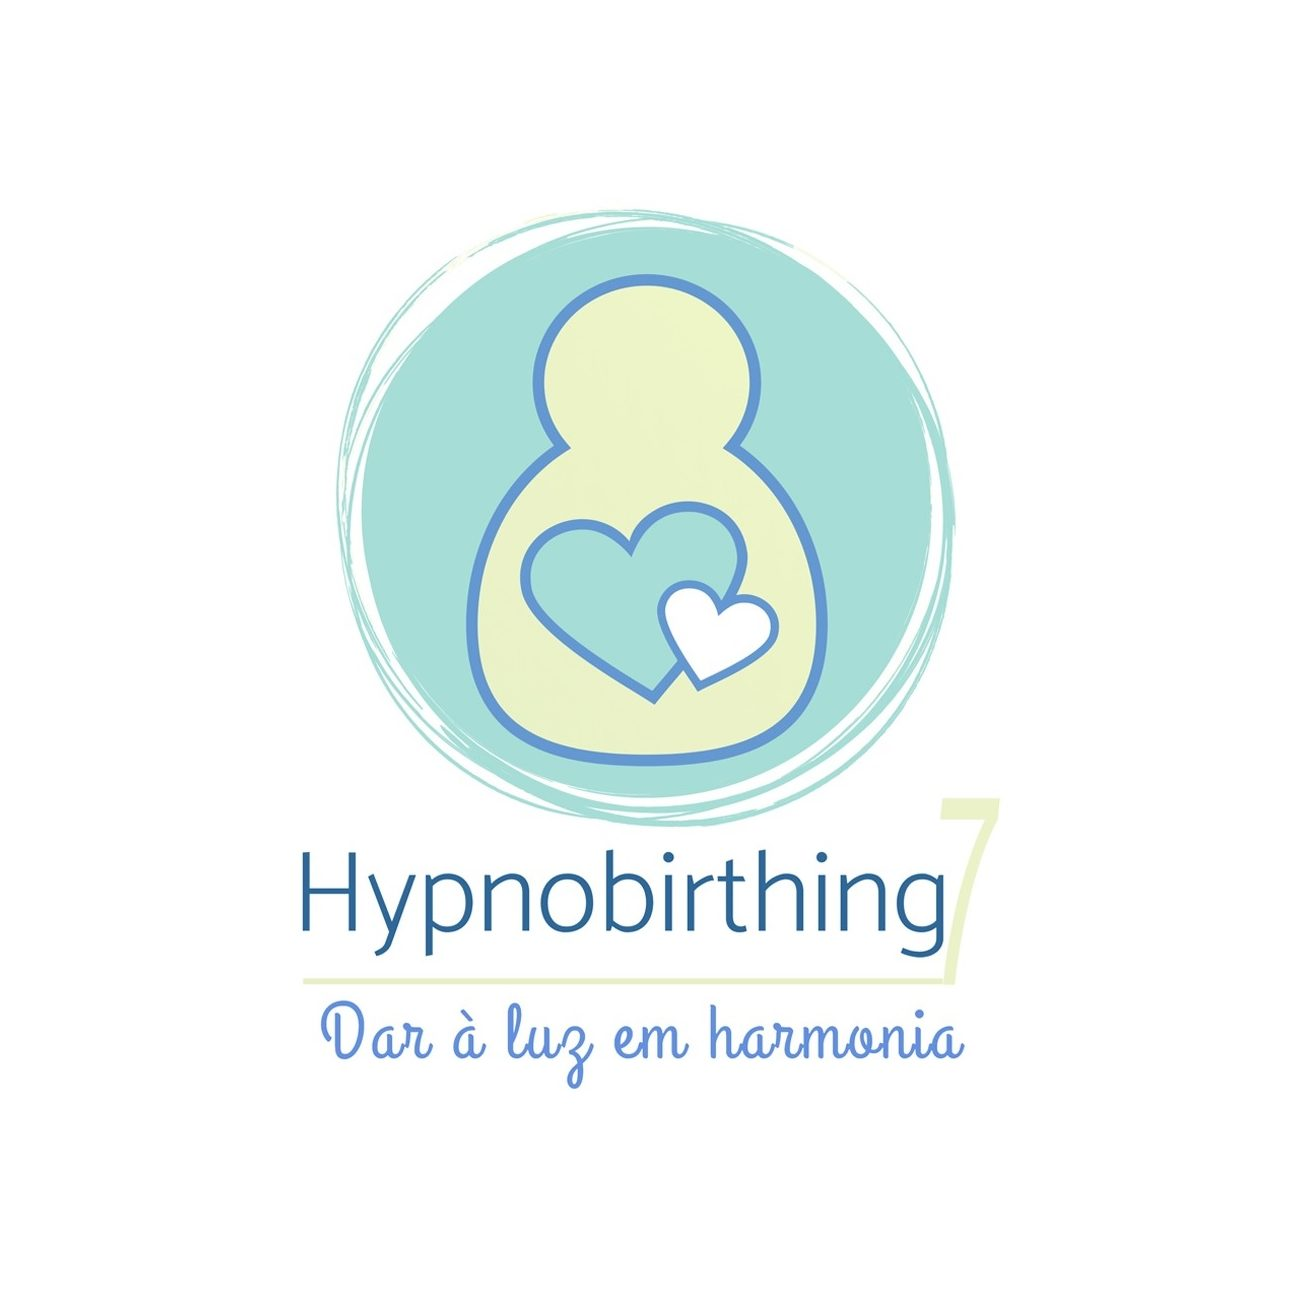 Hypnobirthing7